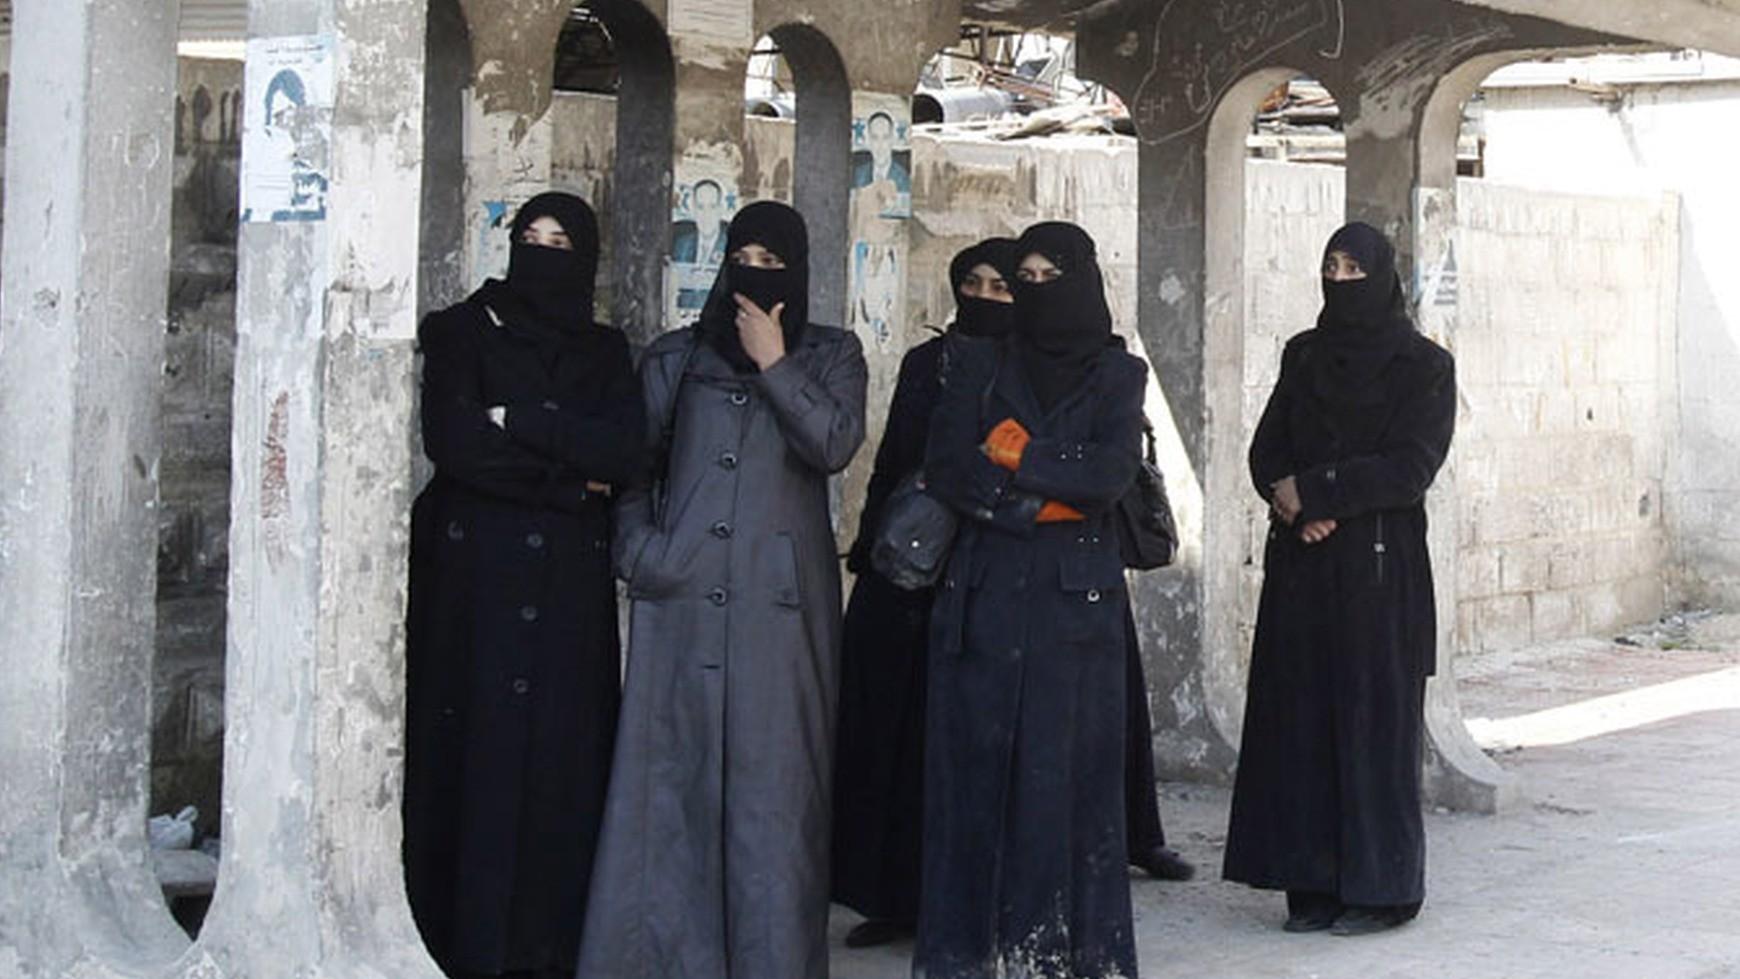 Les fiancées du Djihad : Daesh développe l'exploitation sexuelle